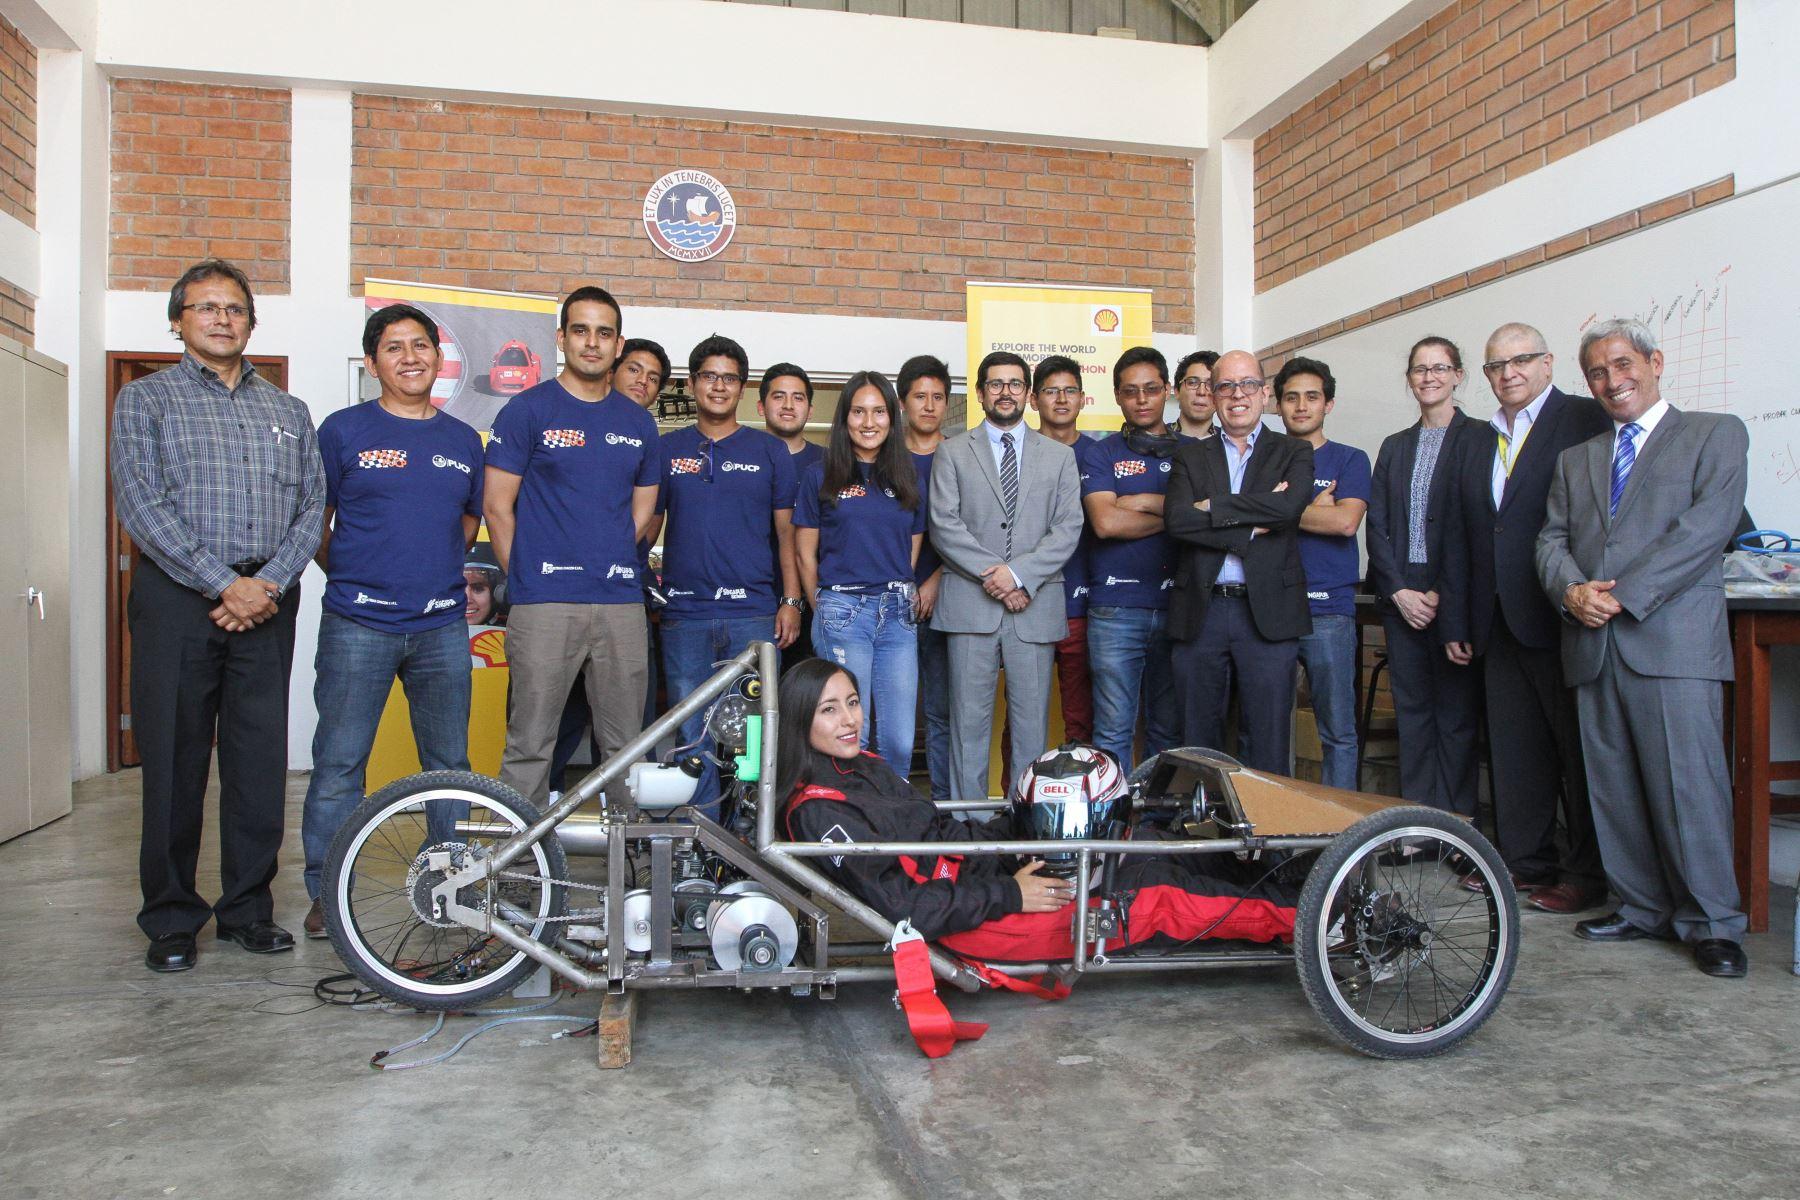 Alumnos de la PUCP participarán en importante competencia de automovilismo. Foto: Andina/Difusión